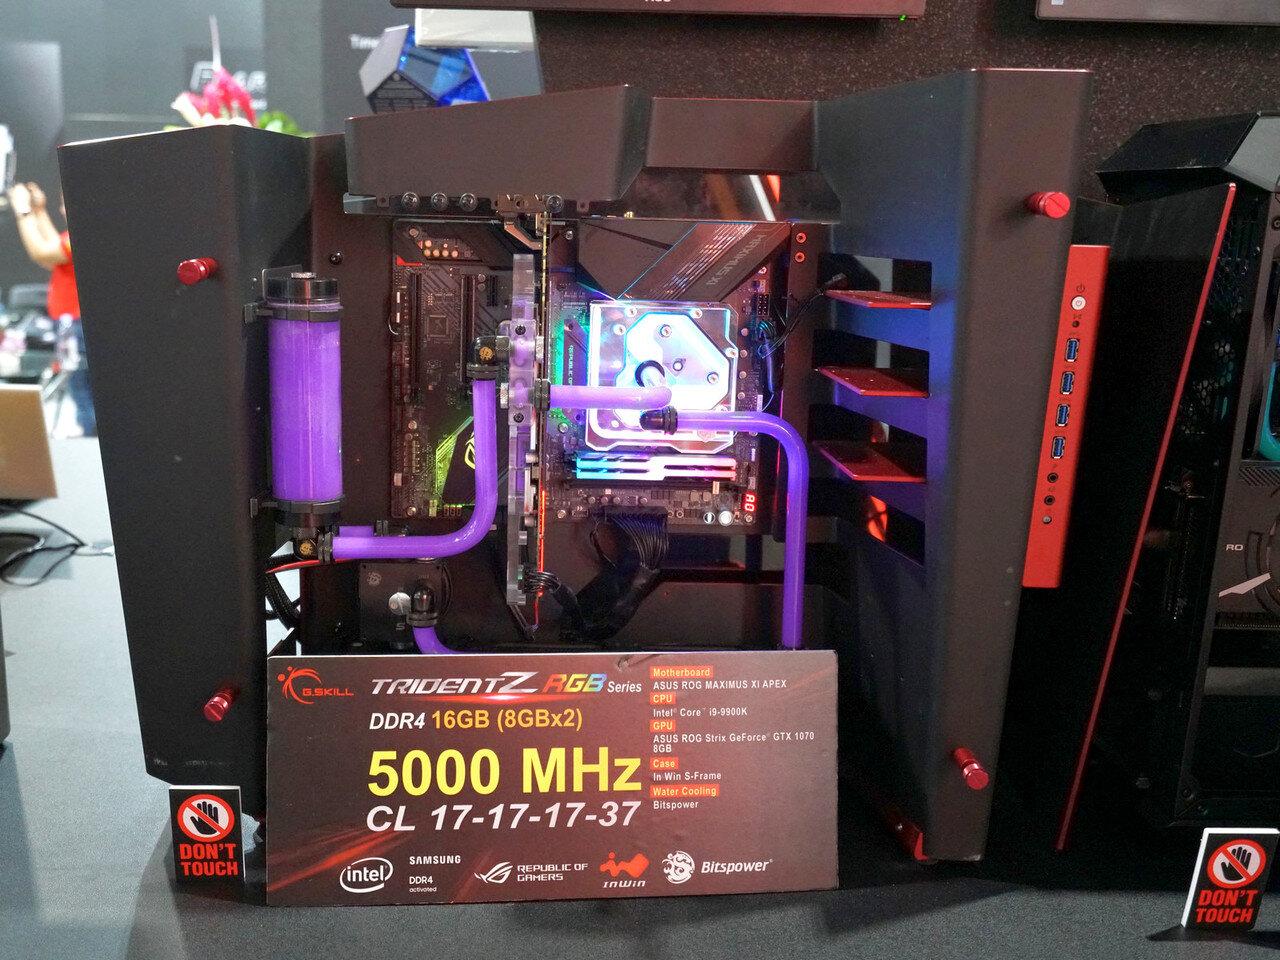 G.Skill Trident Z RGB mit 5.000 MHz bei CL14